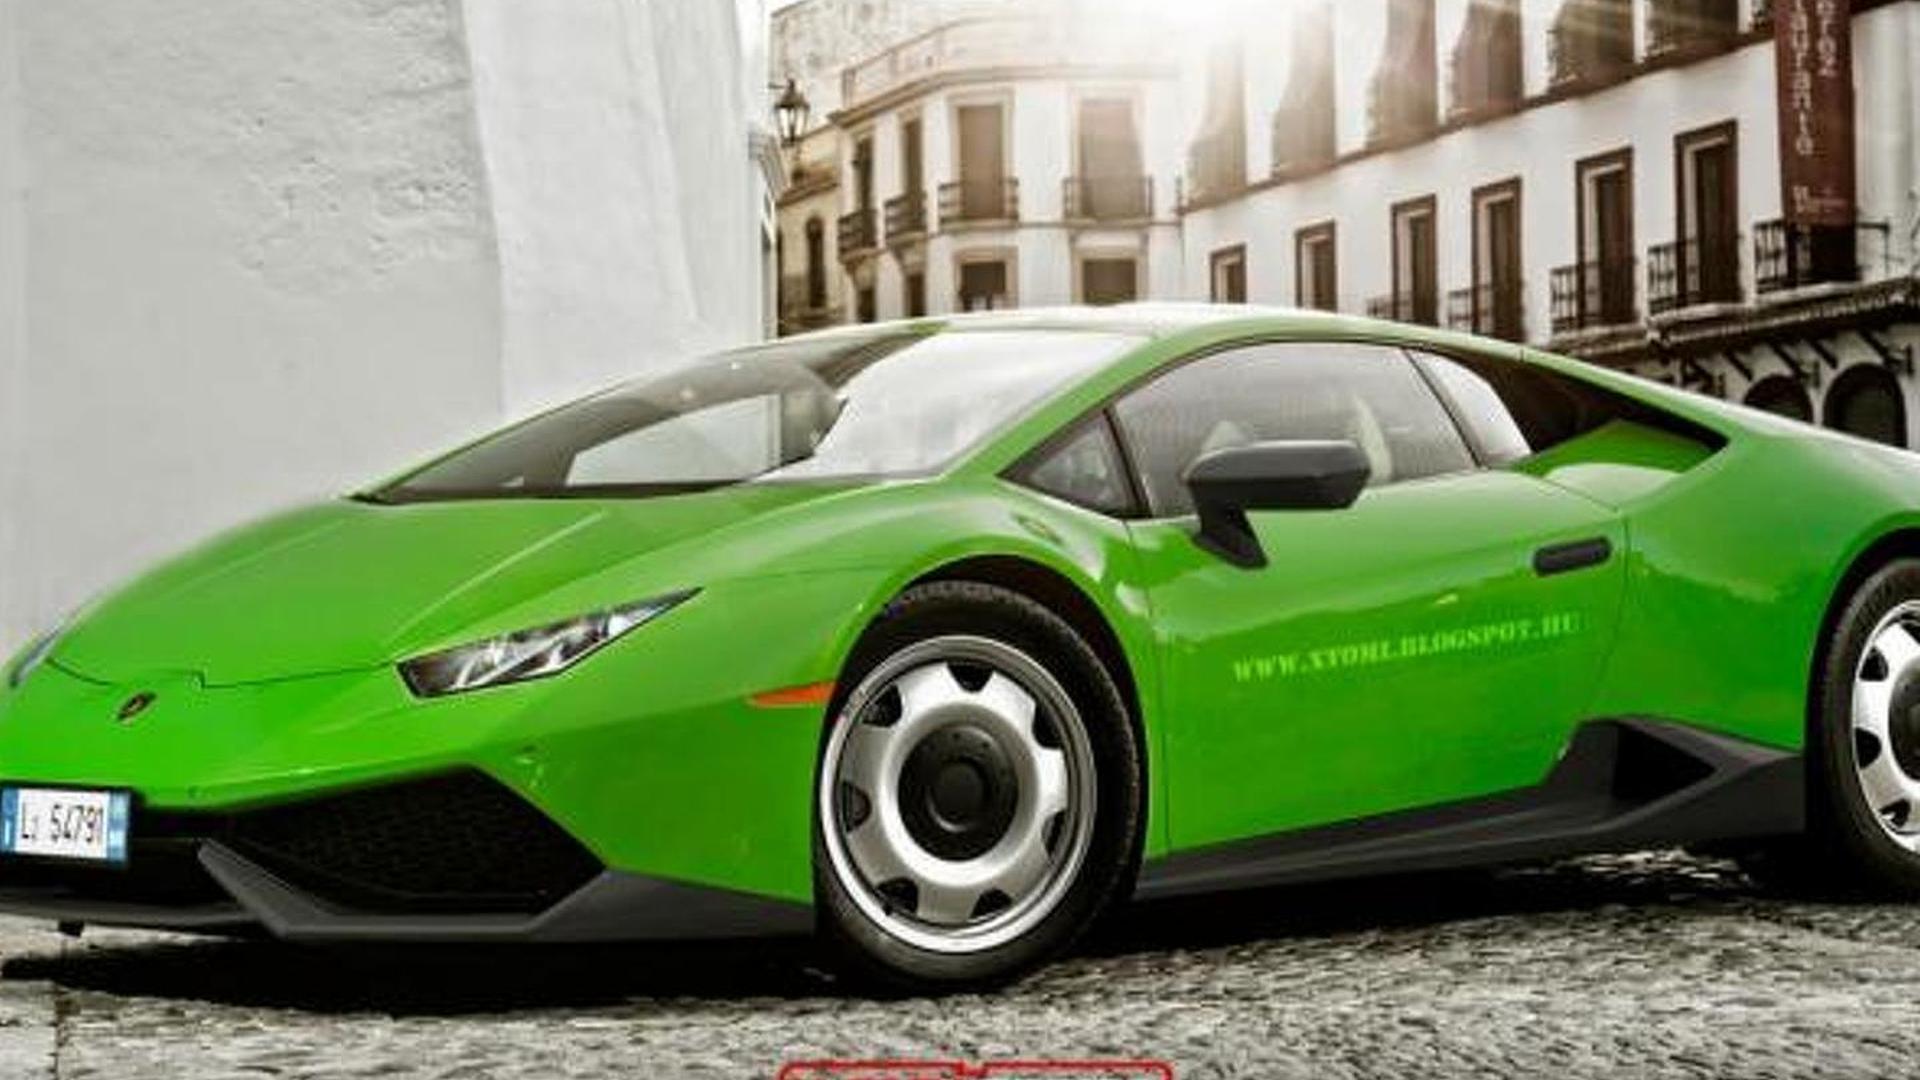 Lamborghini base model